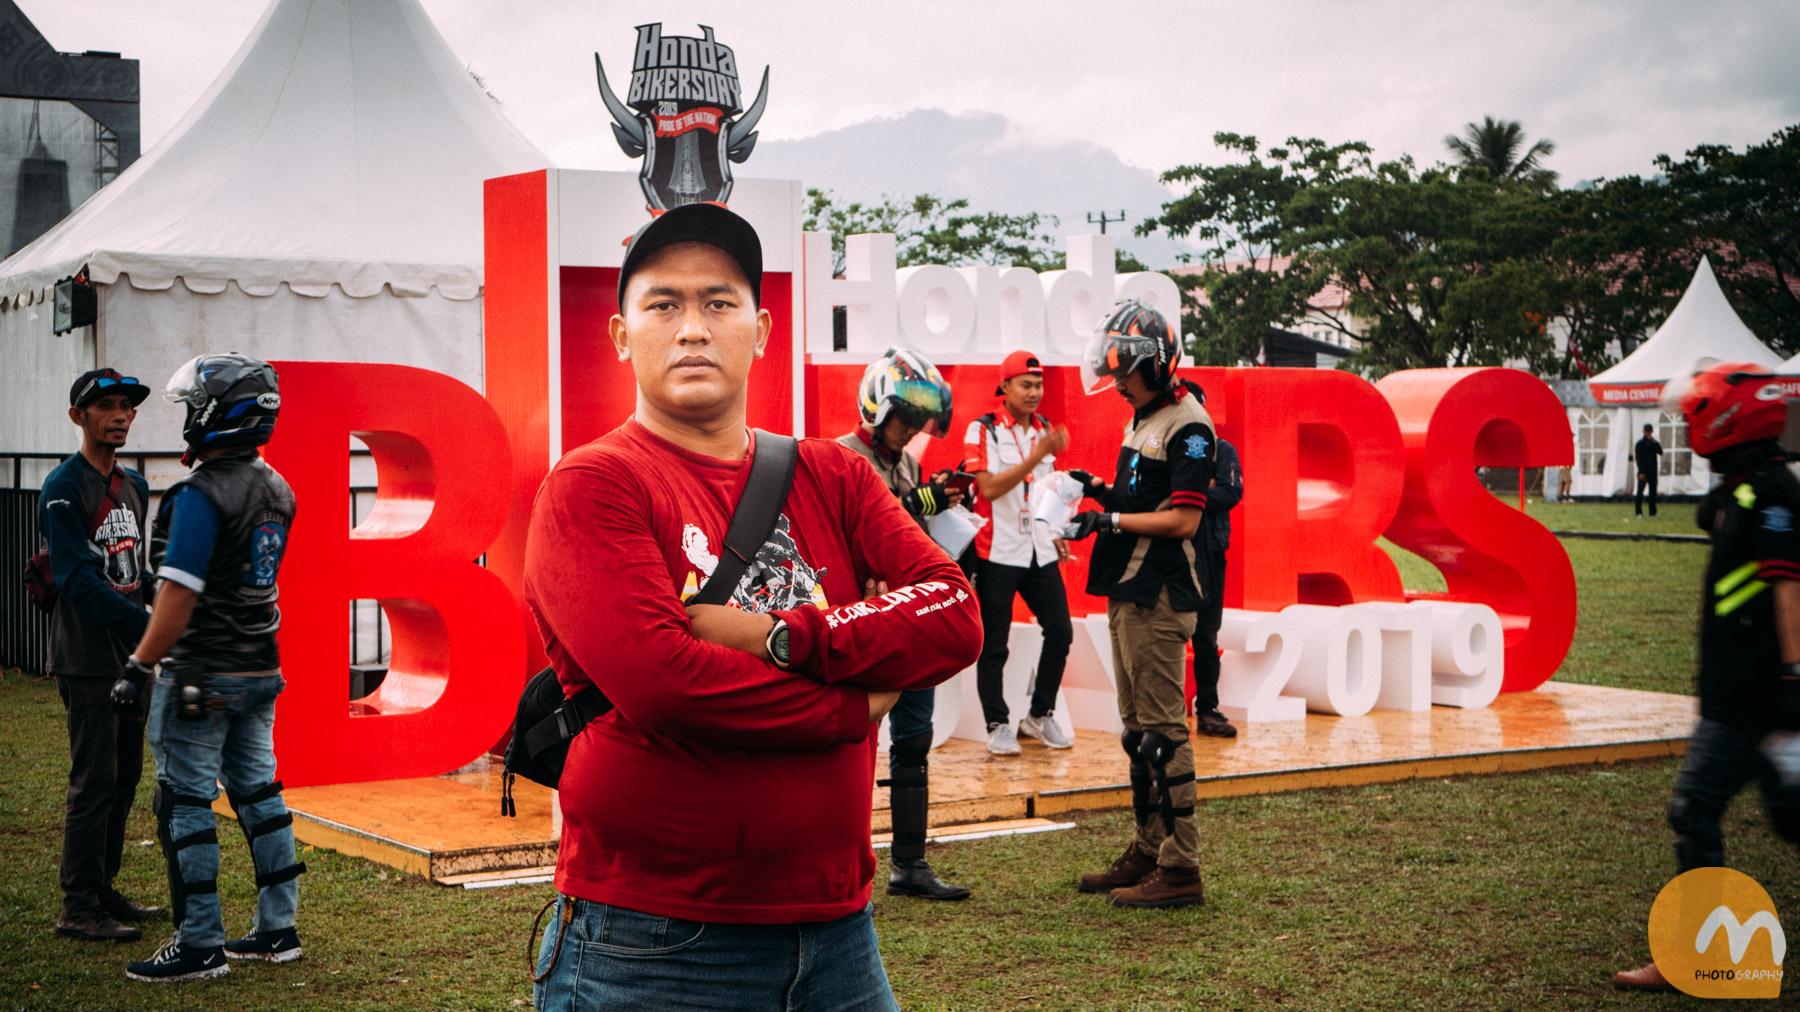 Meriahnya Honda Bikers Day Sulawesi 2019.